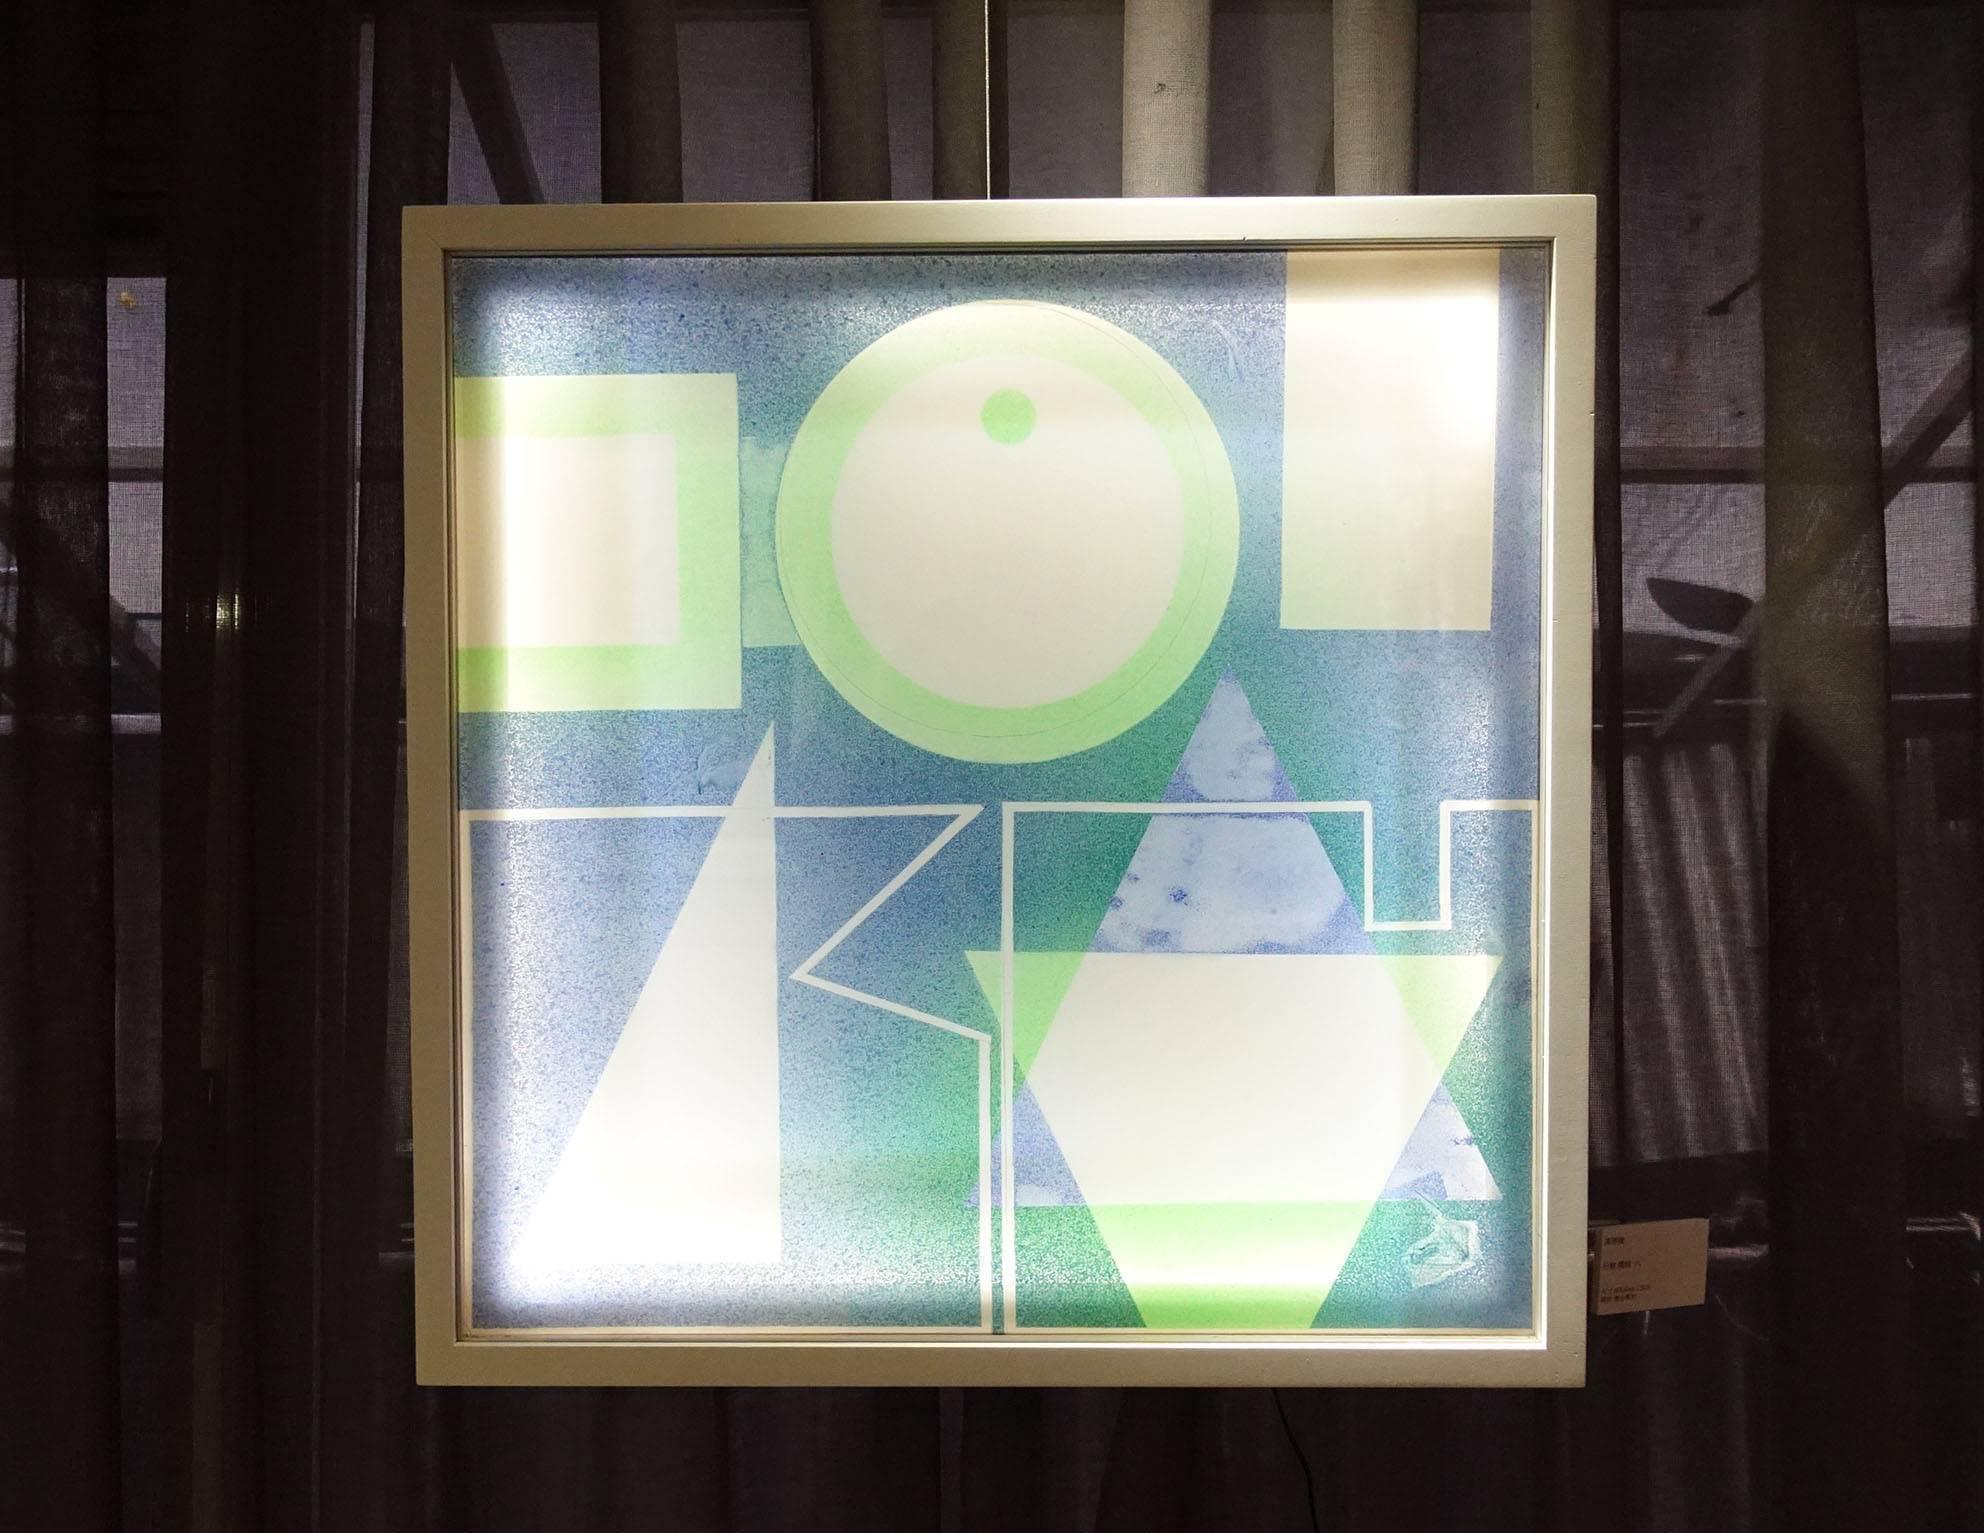 湯雅璇,《分解・構織 六》,60 x 60 cm,複合媒材,2019。